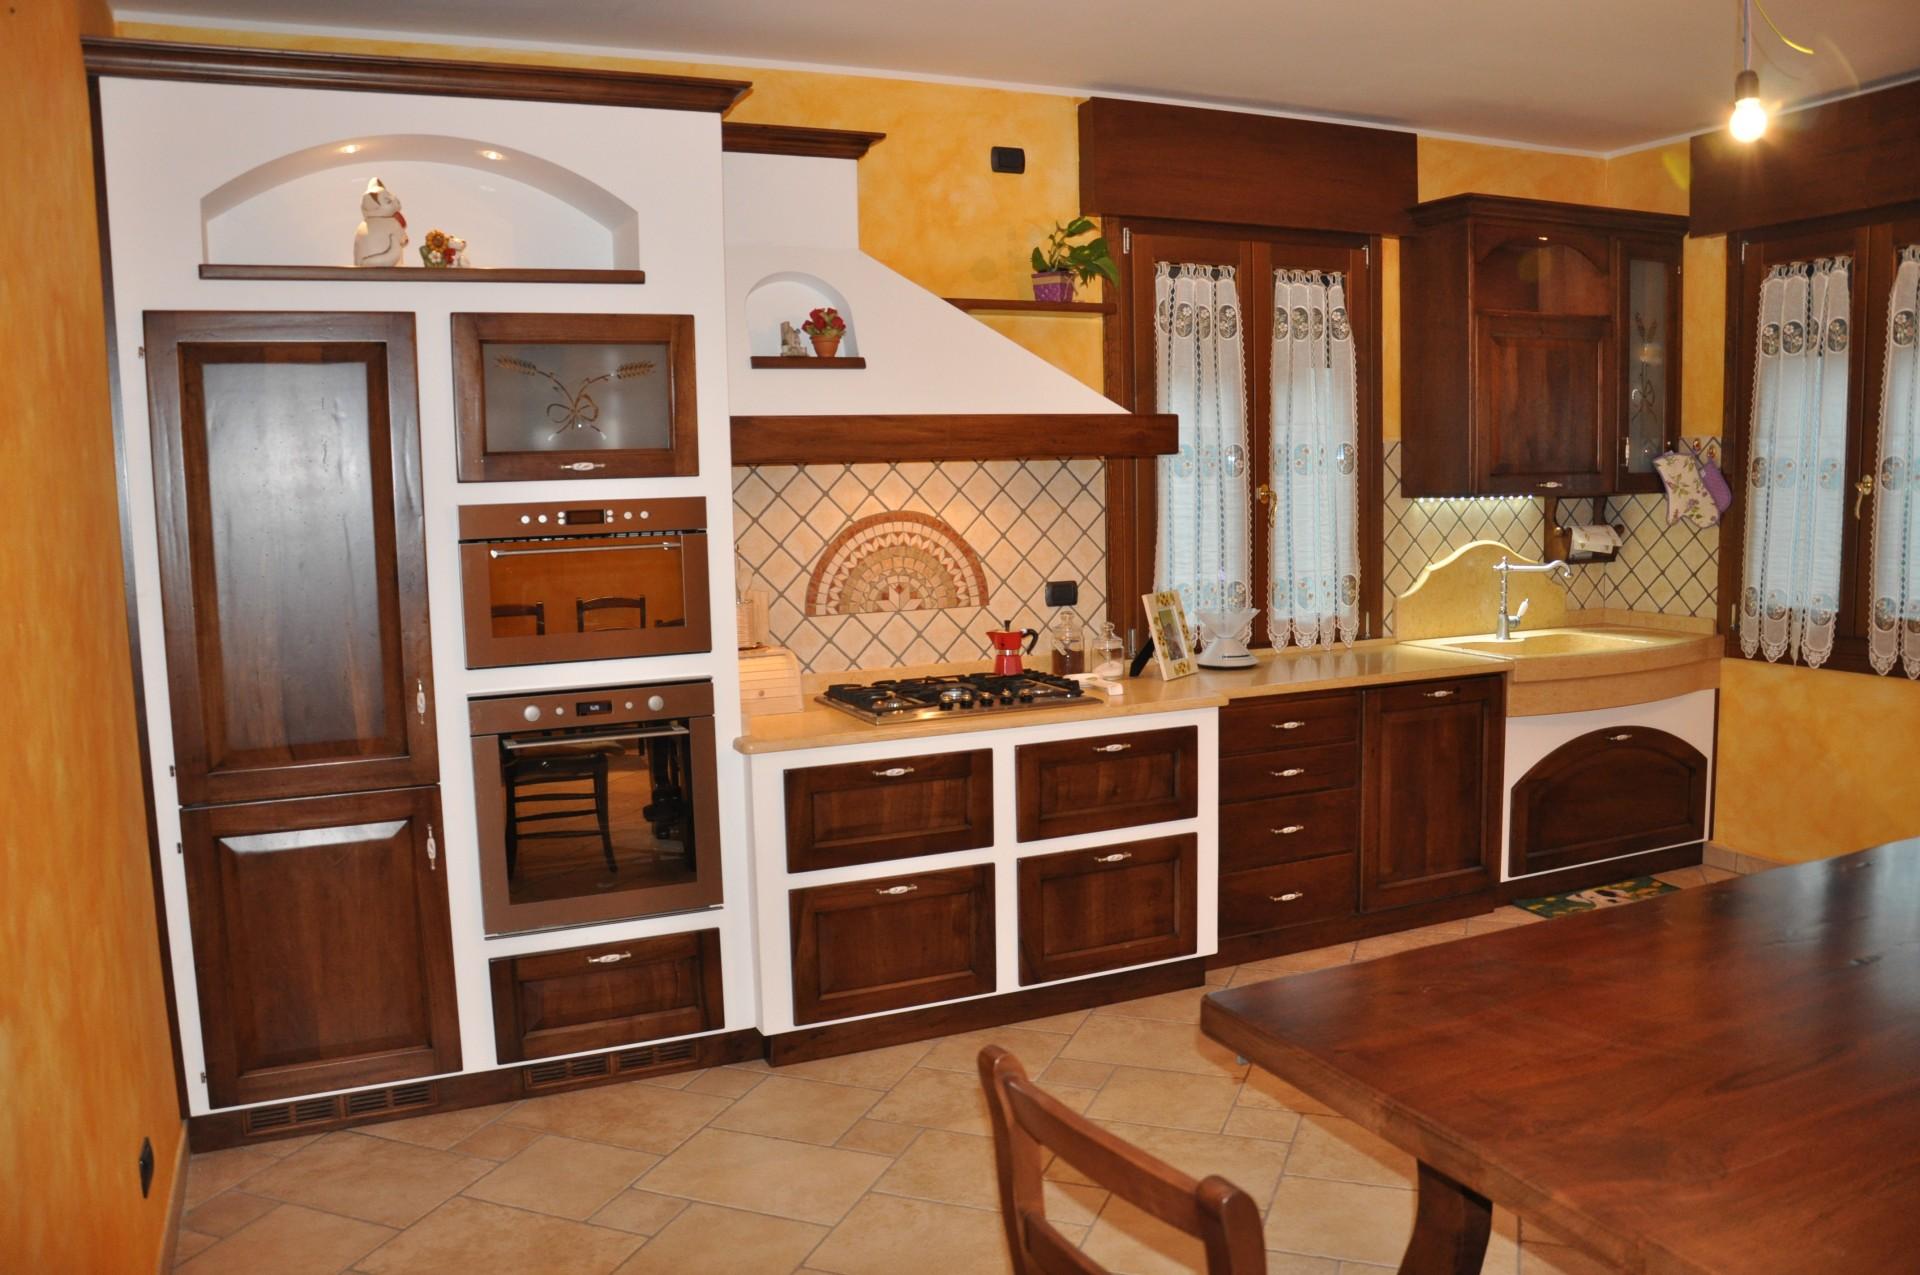 Cucina in muratura fadini mobili cerea verona - Mobili per cucine in muratura fai da te ...